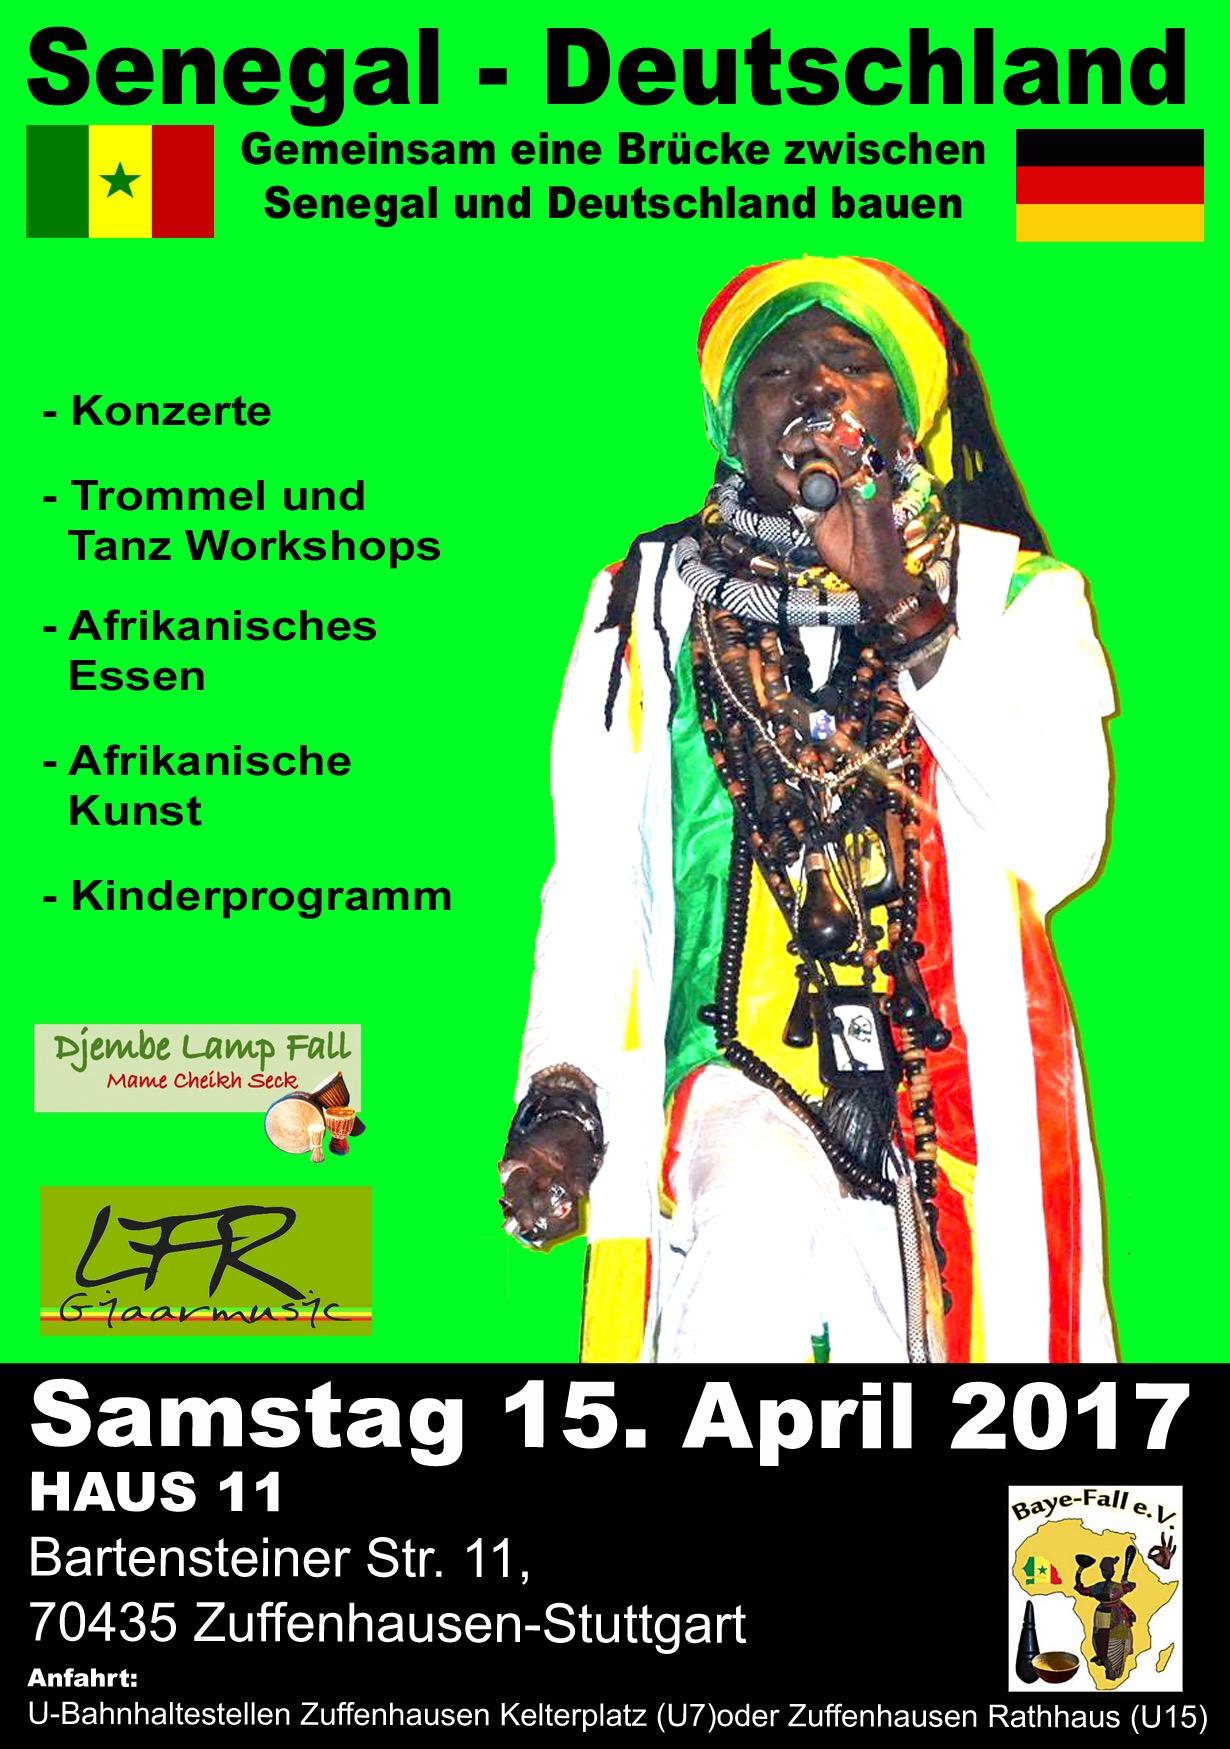 Flyer Senegal- Deutschland 2017